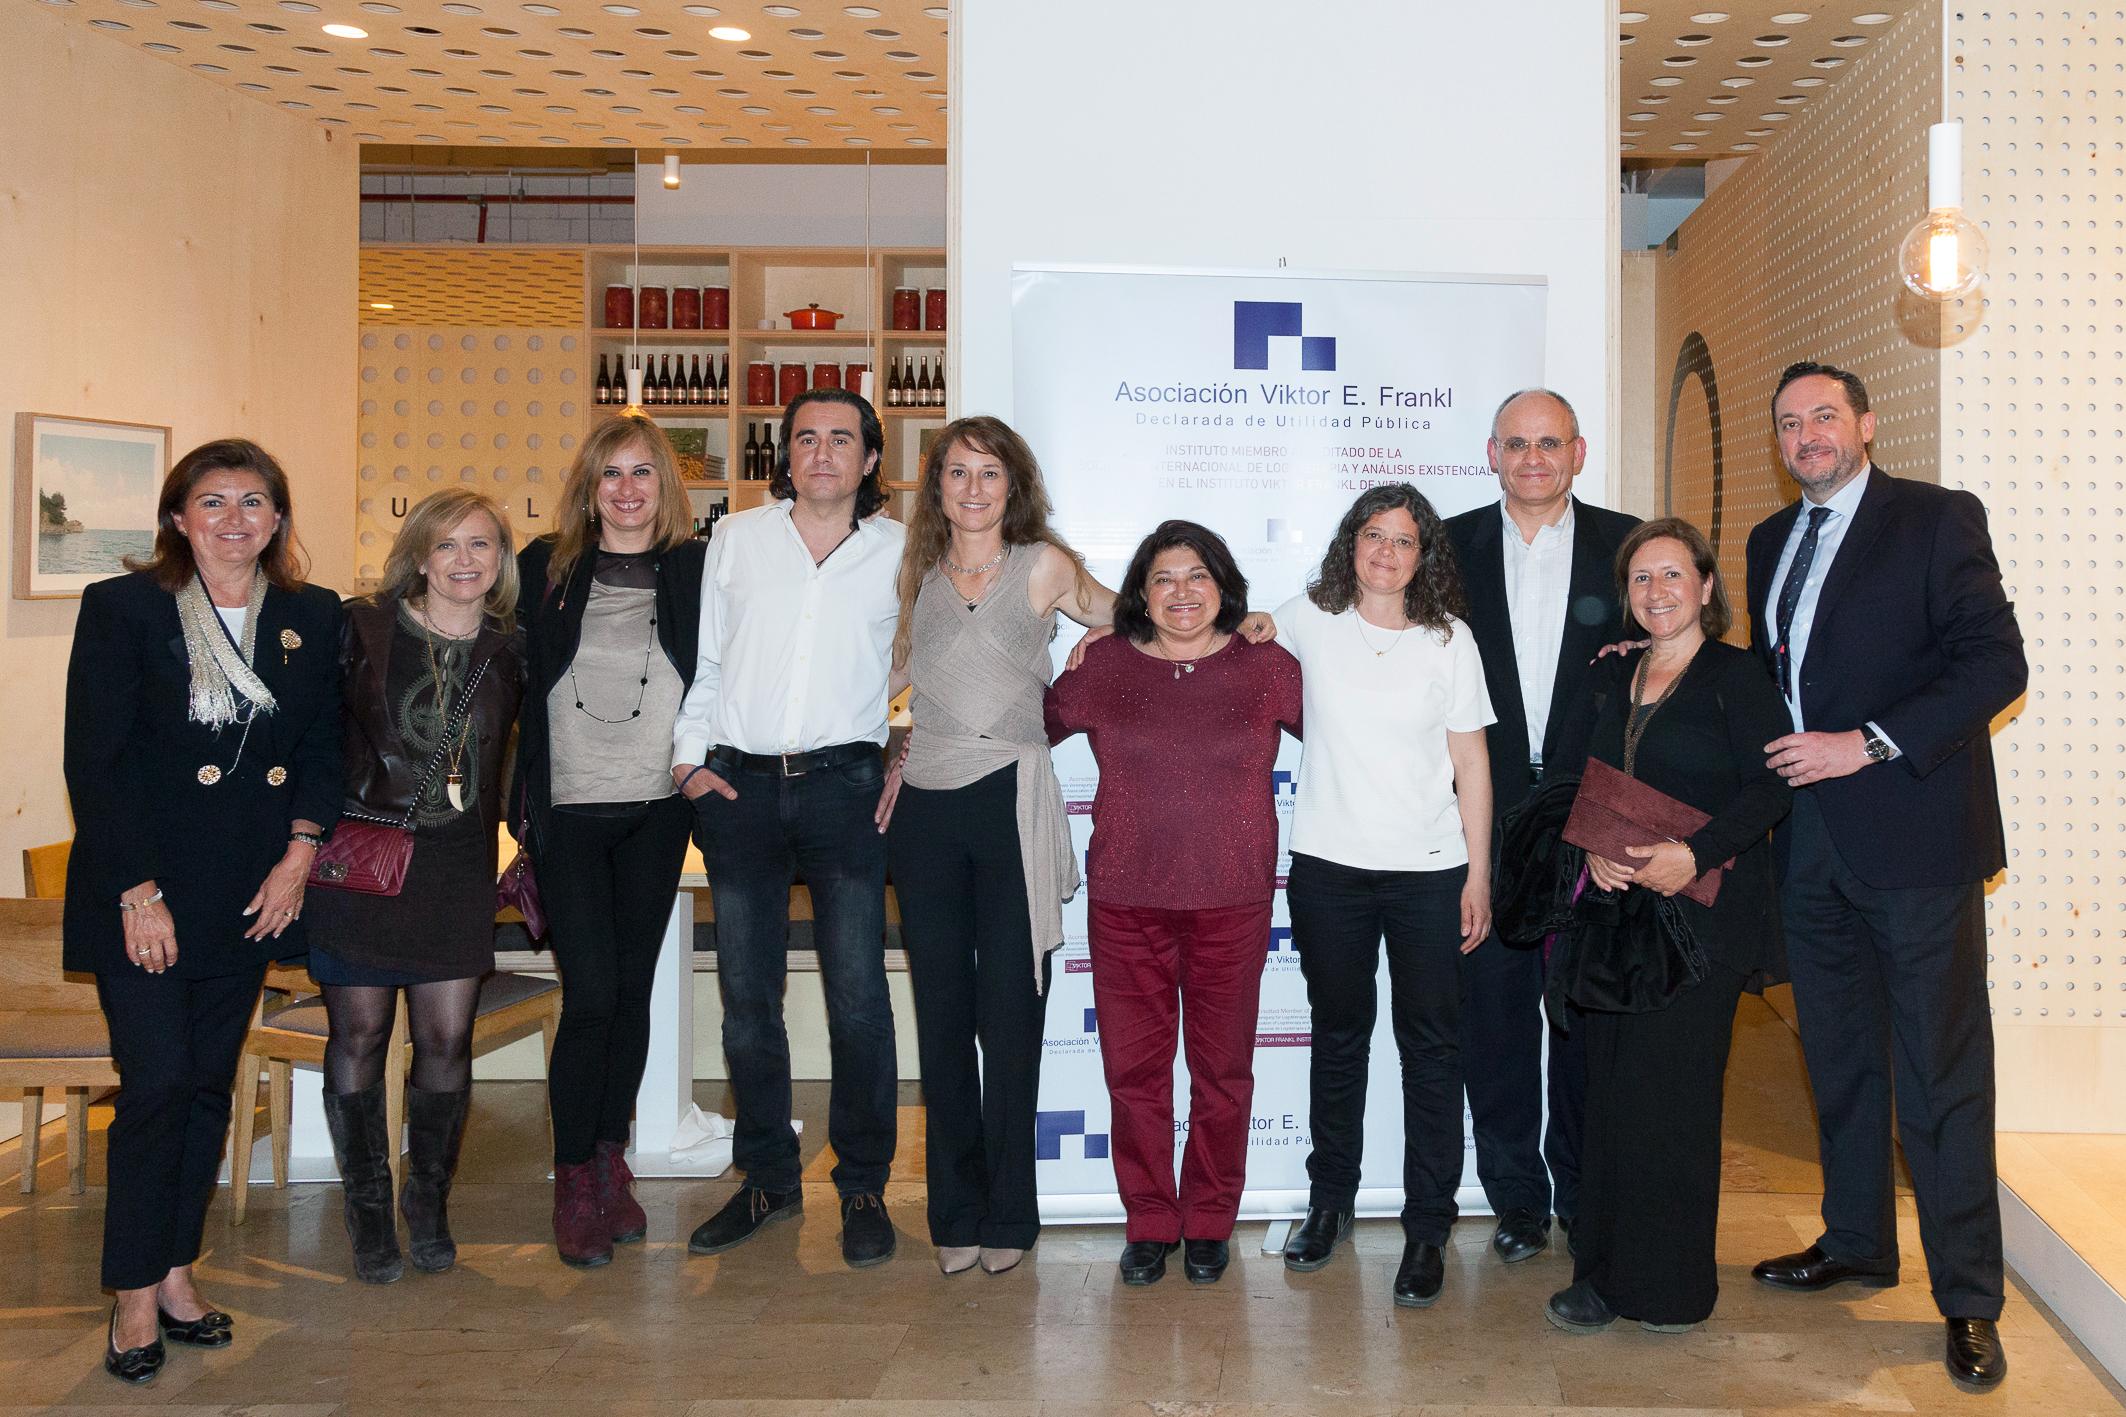 La Asociación Viktor E. Frankl organiza su VI Encuentro Gastronómico-Benéfico con Ricard Camarena